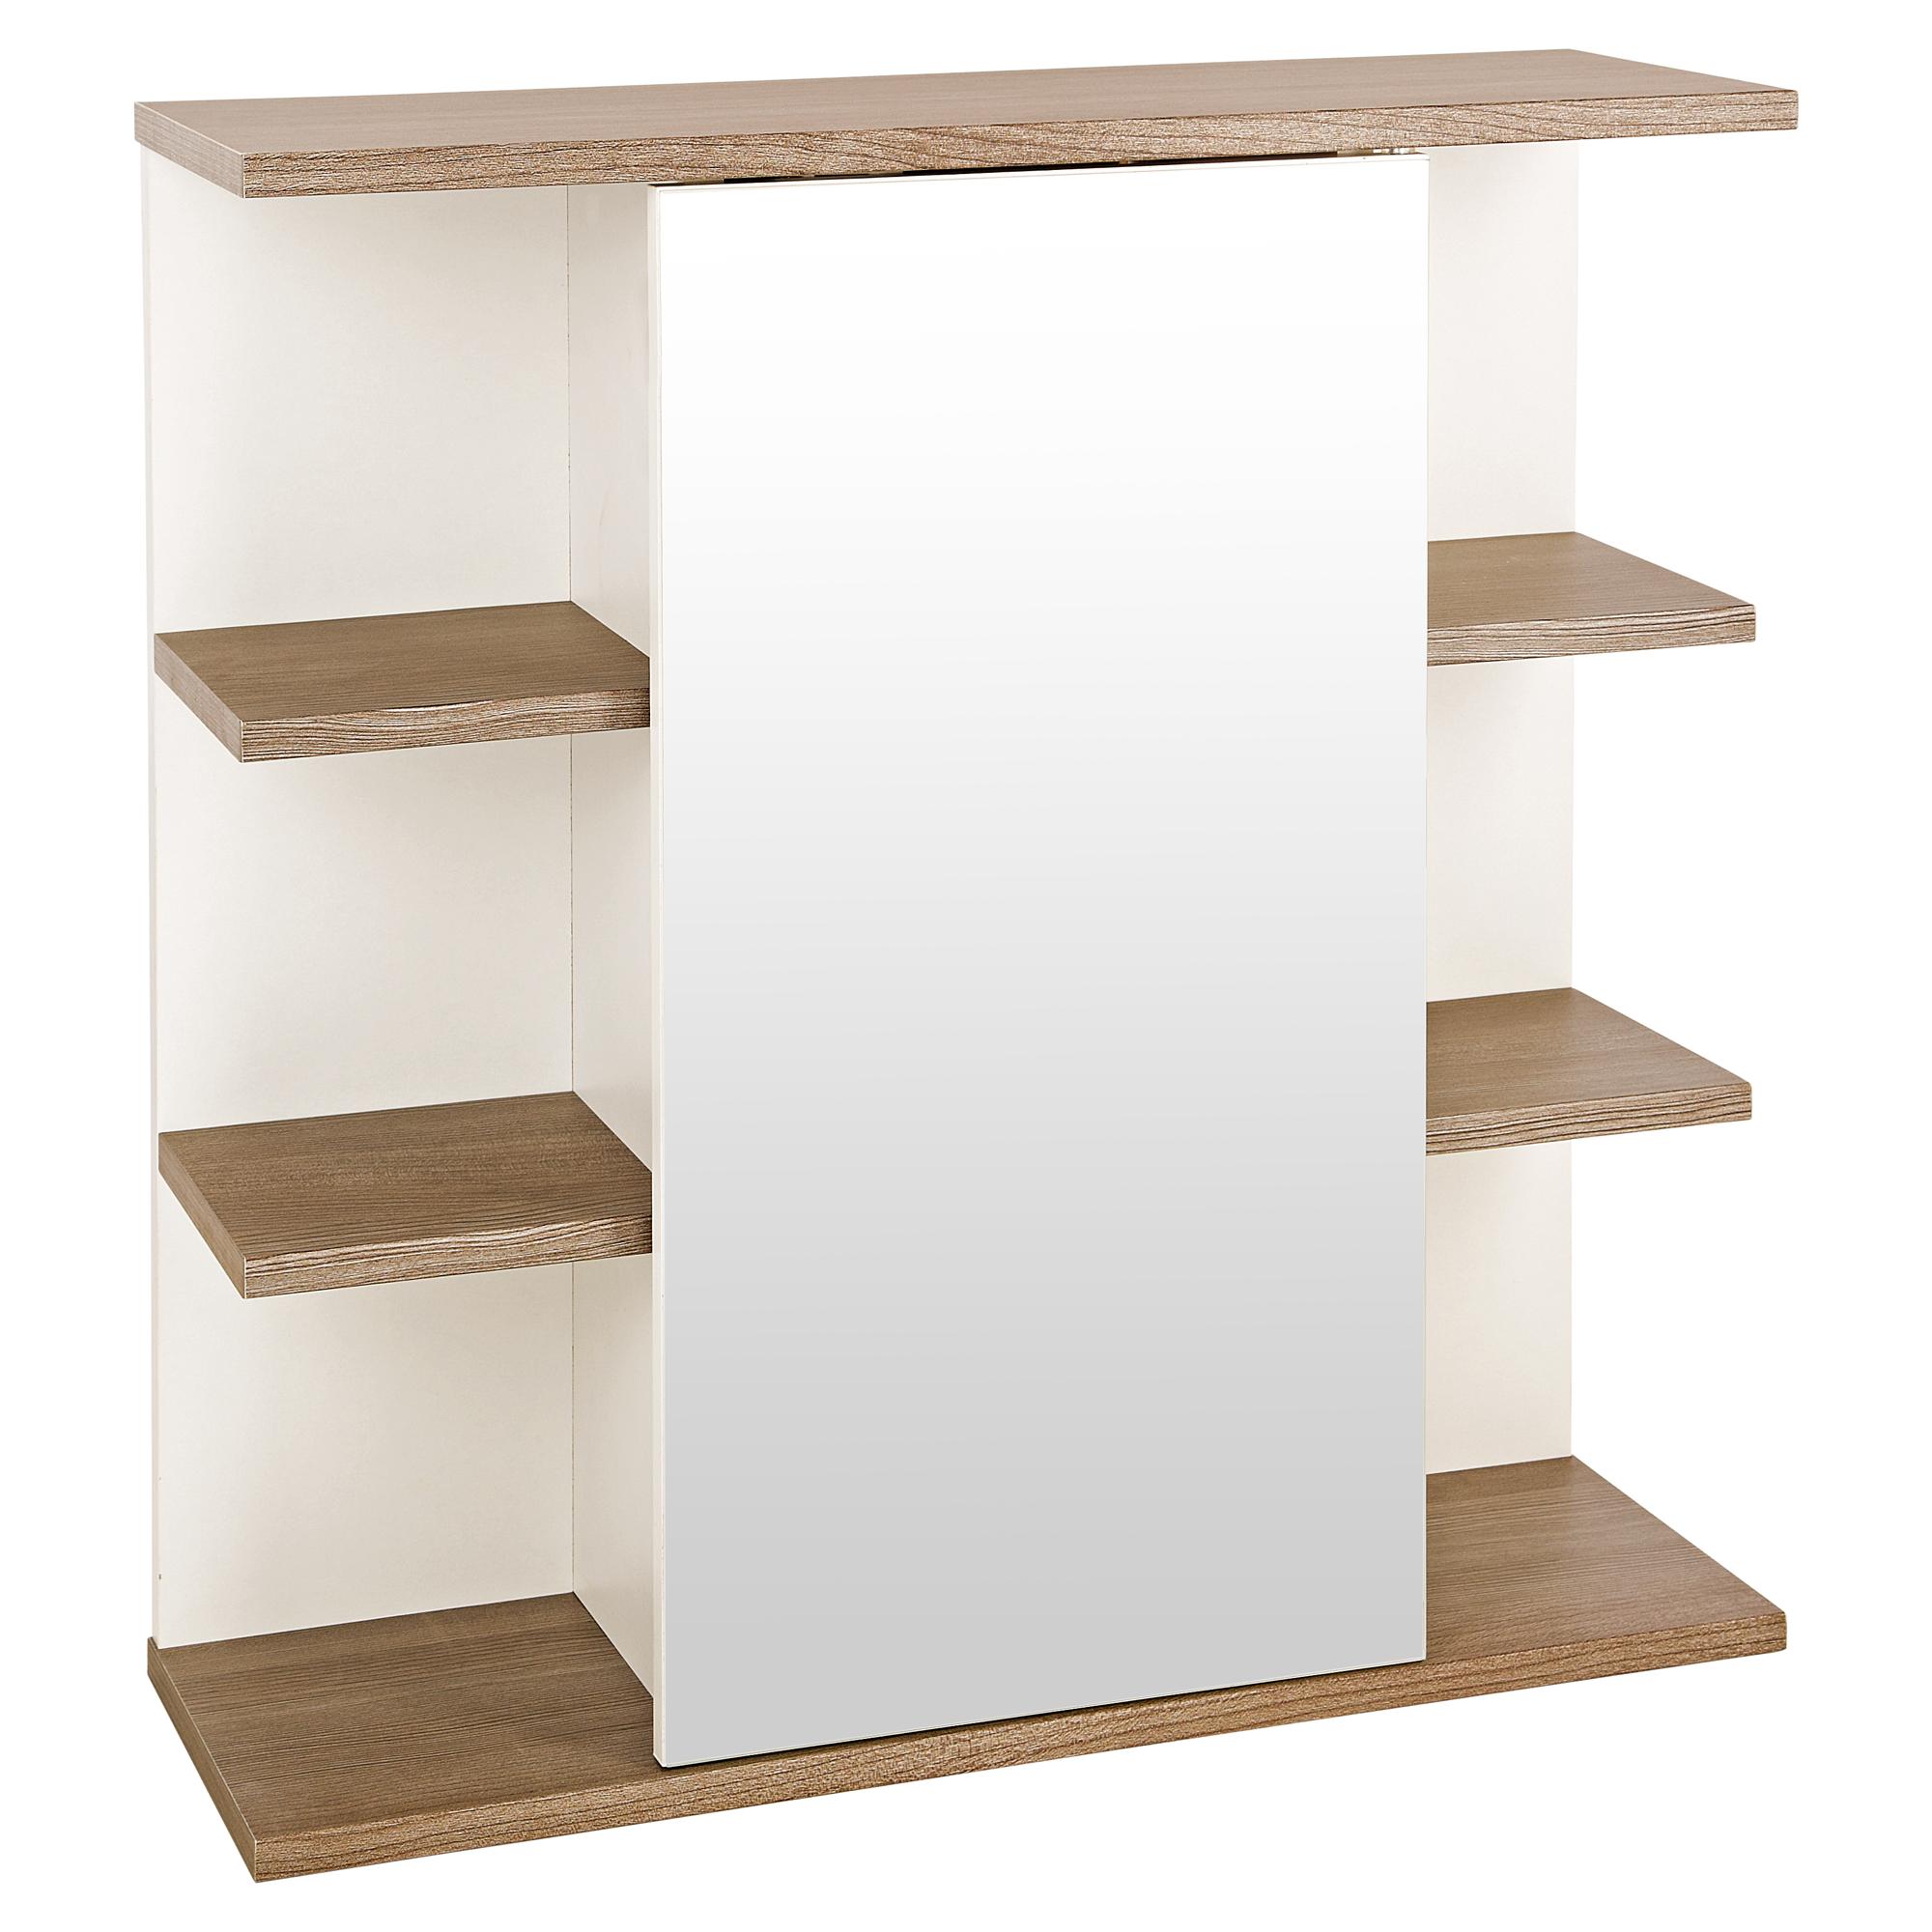 Ikea Spiegelschrank Holz   gispatcher.com